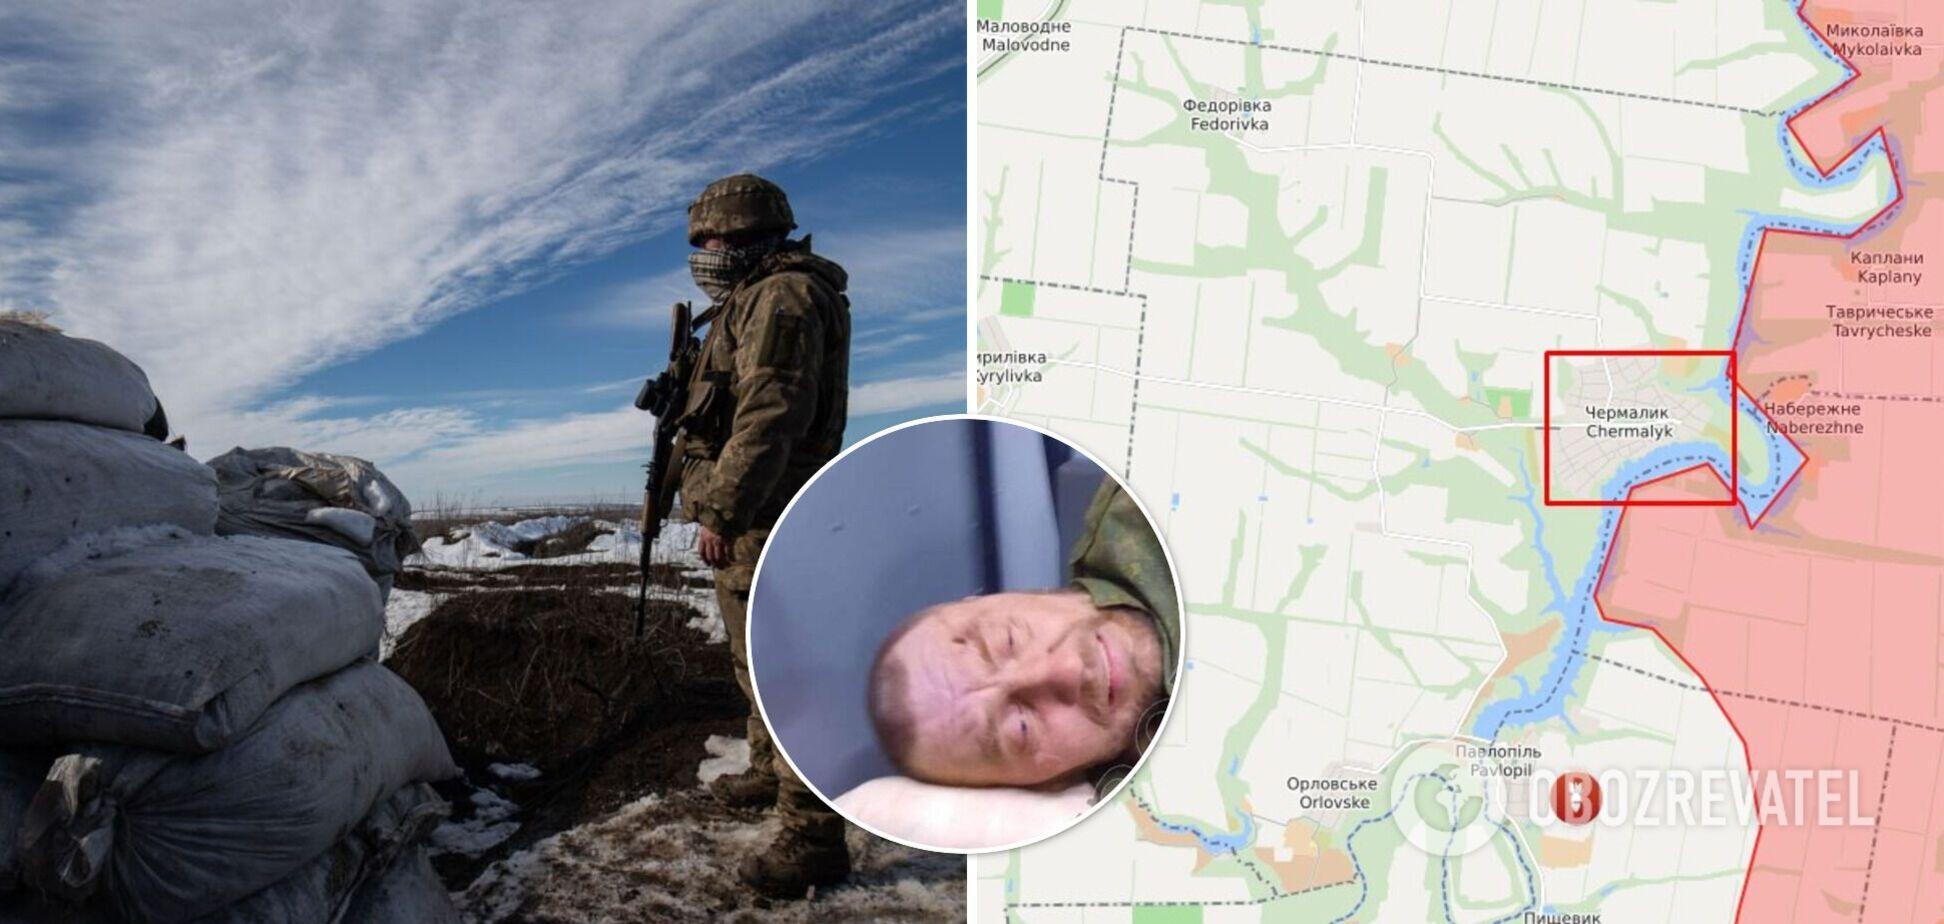 Оккупант проник на позицию ВСУ и ранил воина: фото героя и задержанного наемника